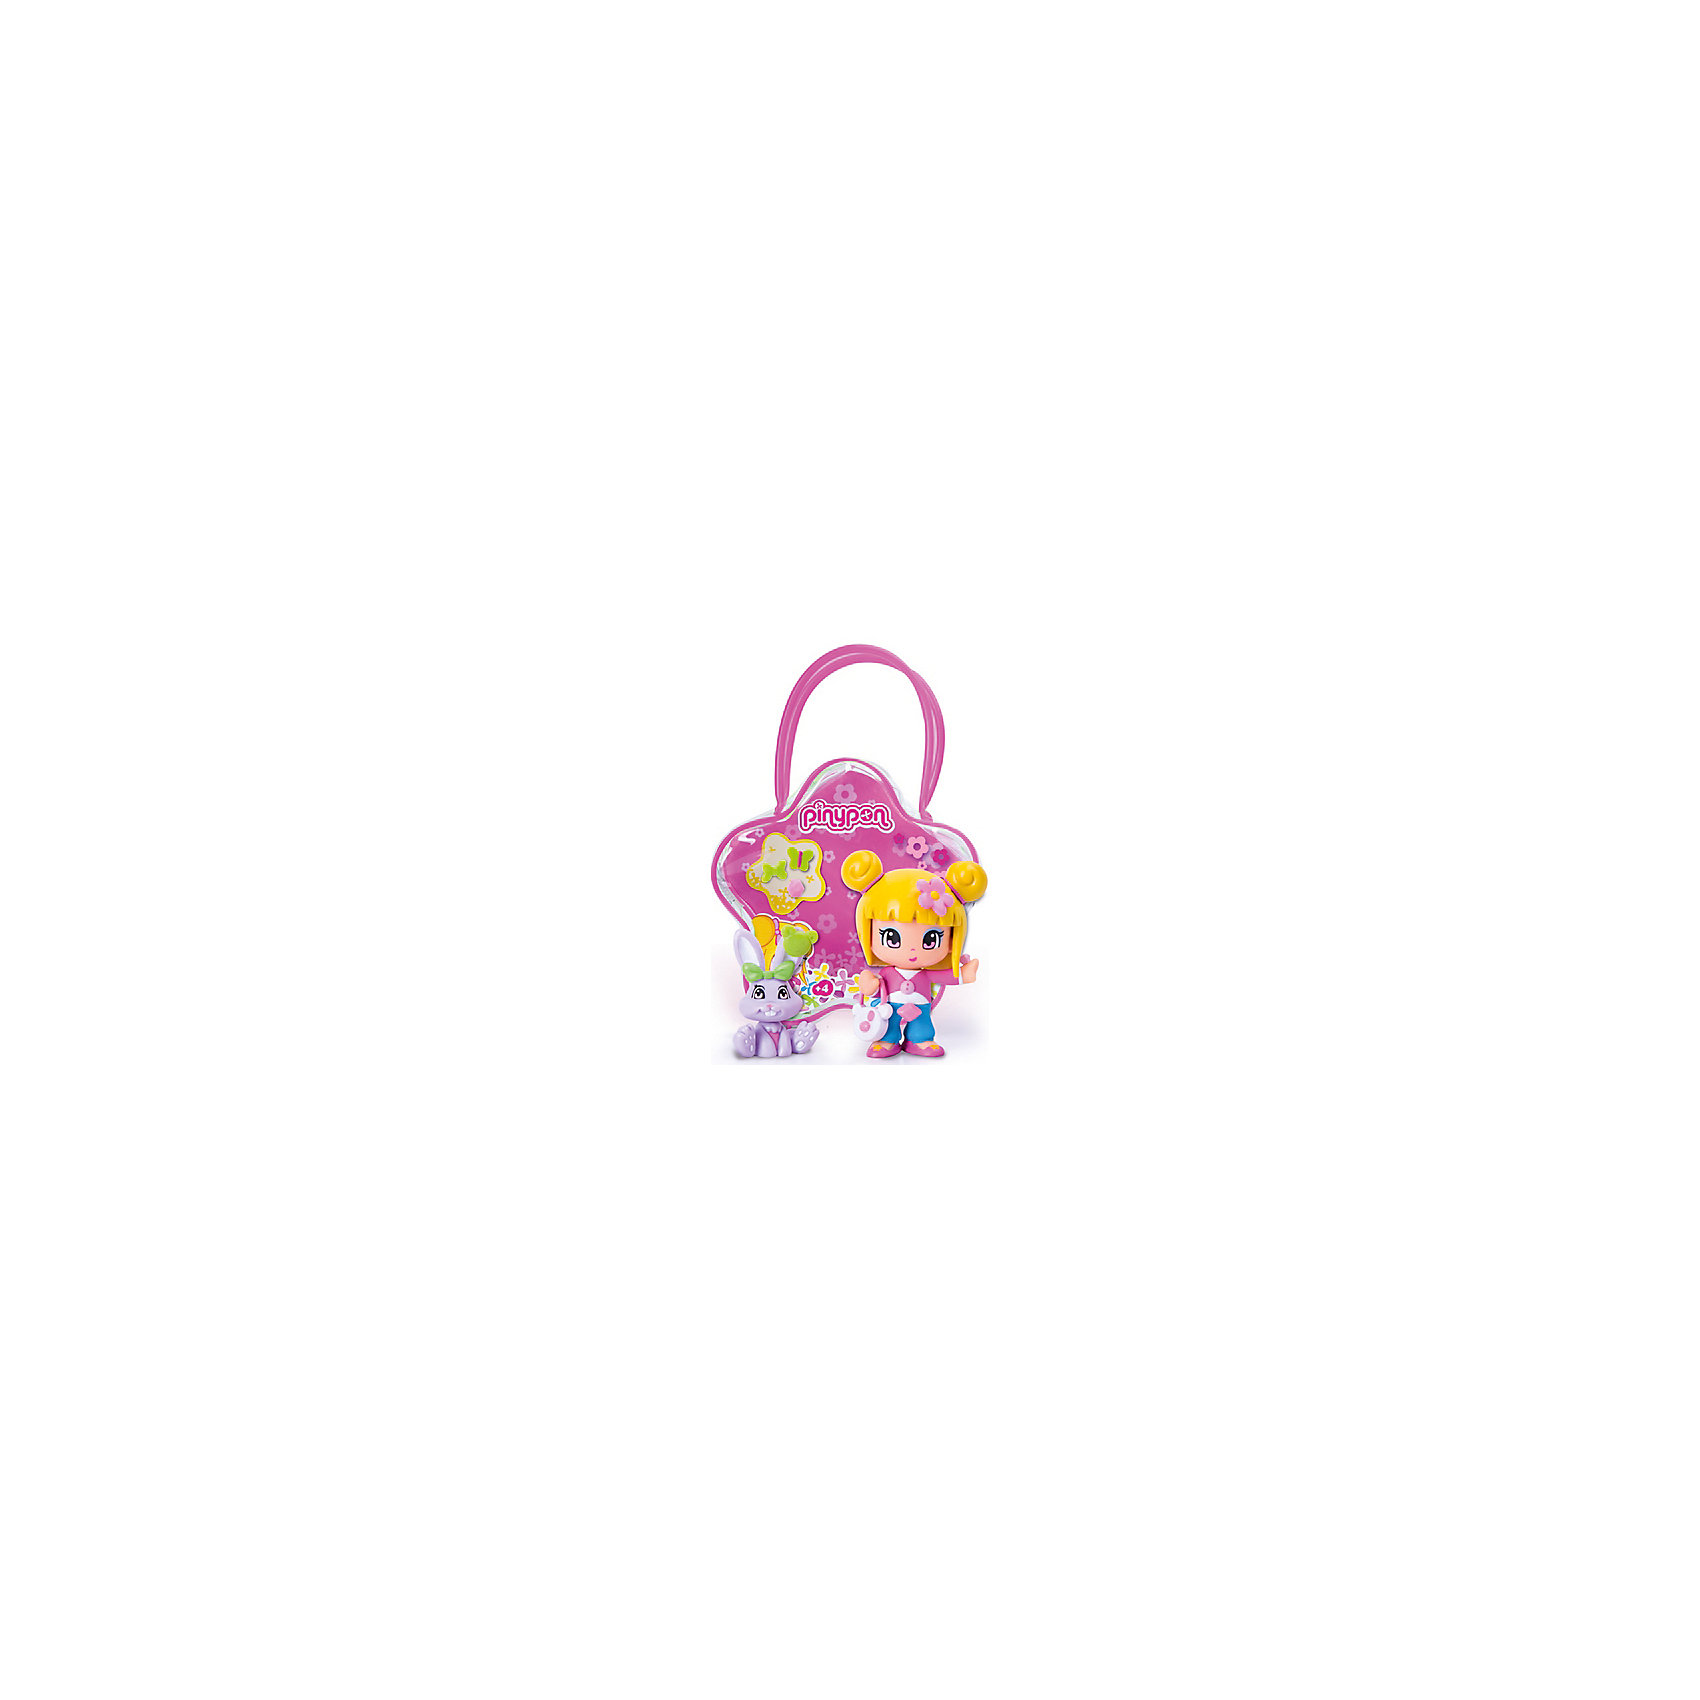 Famosa Кукла Пинипон со светлыми волосами с кроликом в сумочке, Famosa набор 2 кукол famosa пинипон чемпионы аксесс 2 в ассорт